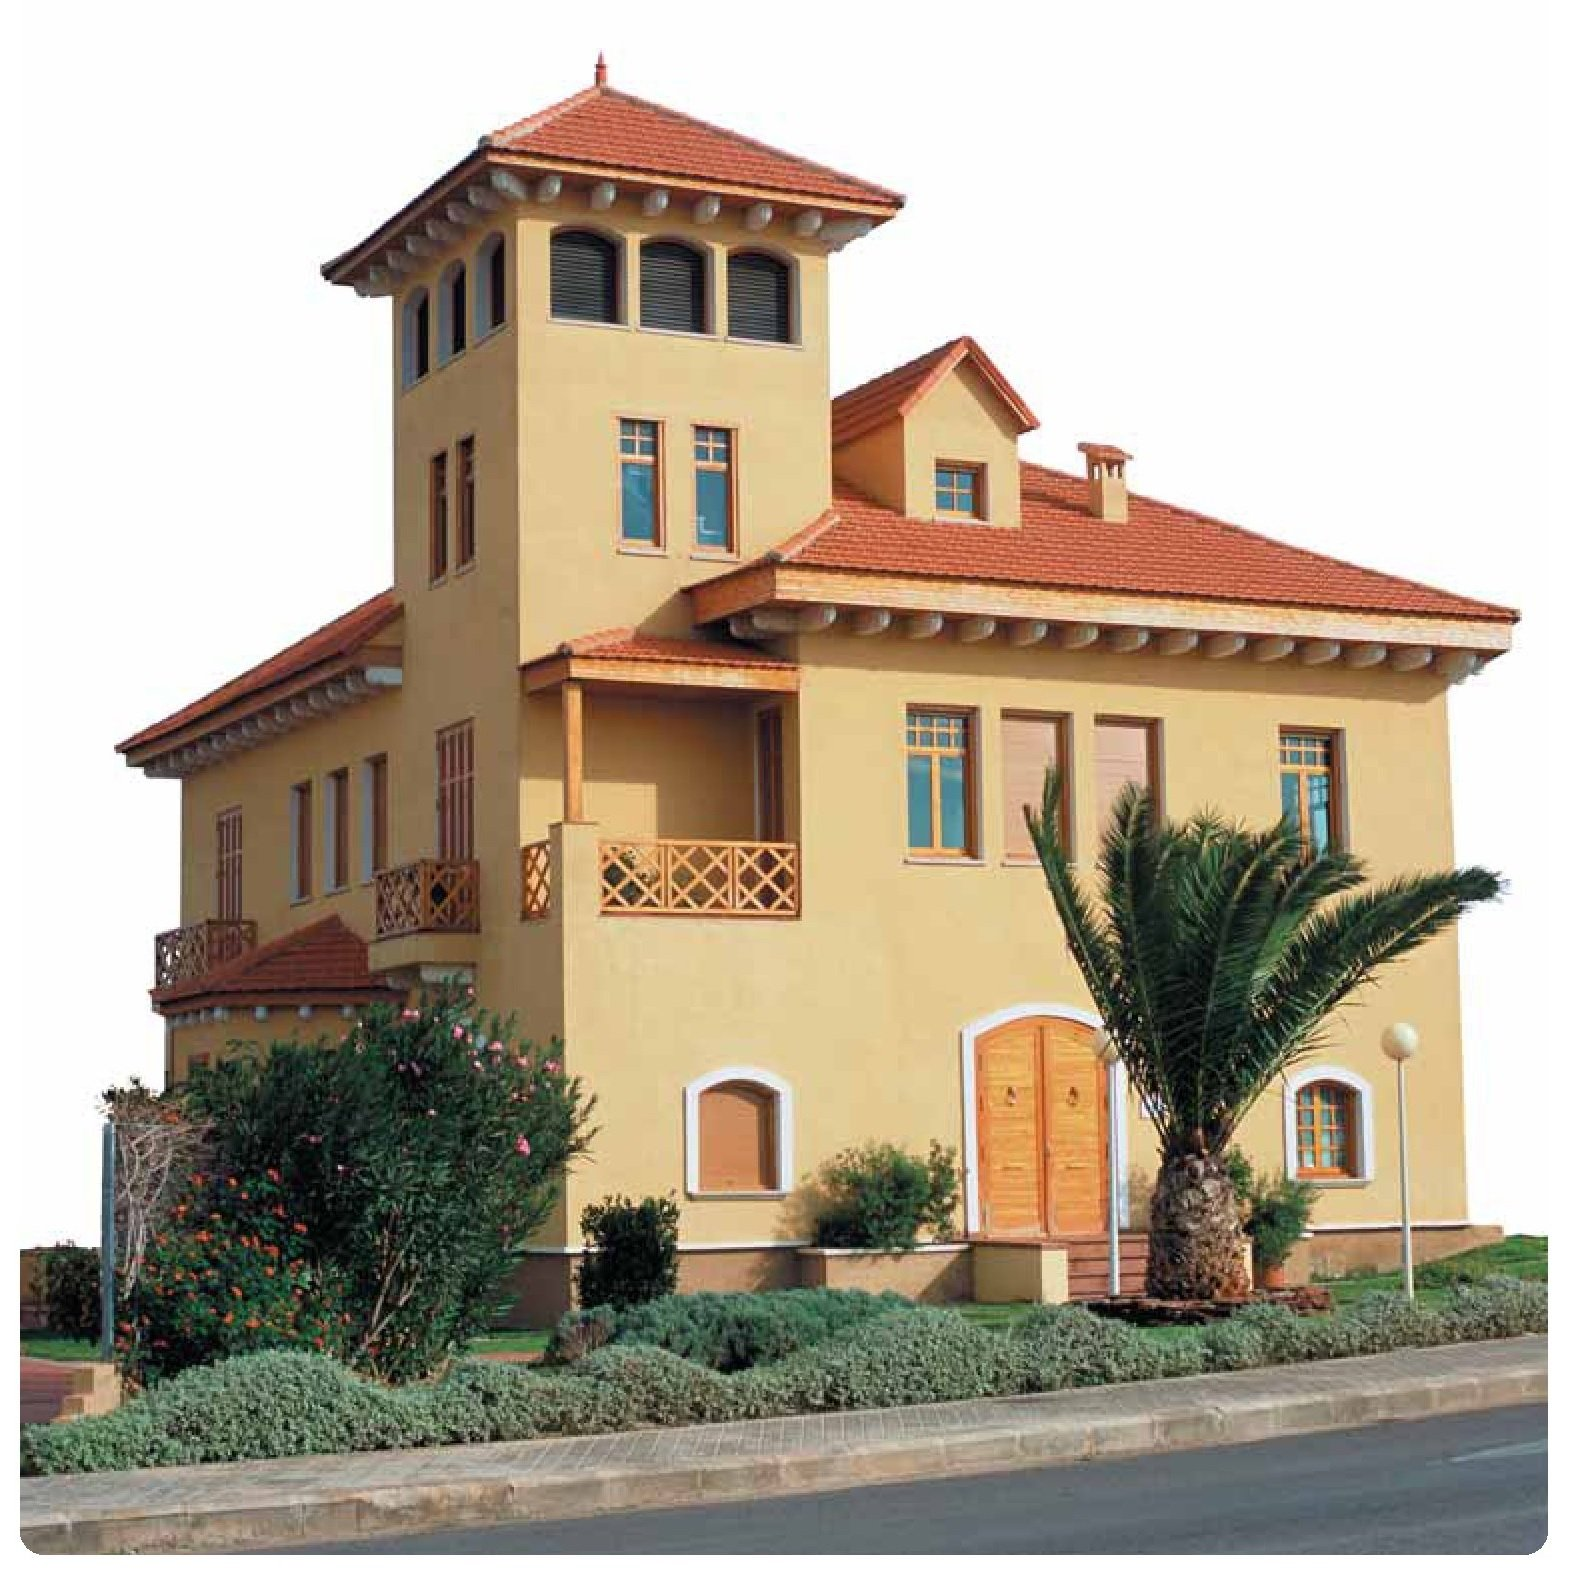 tejado con teja ceramica mixta alicantina rojo